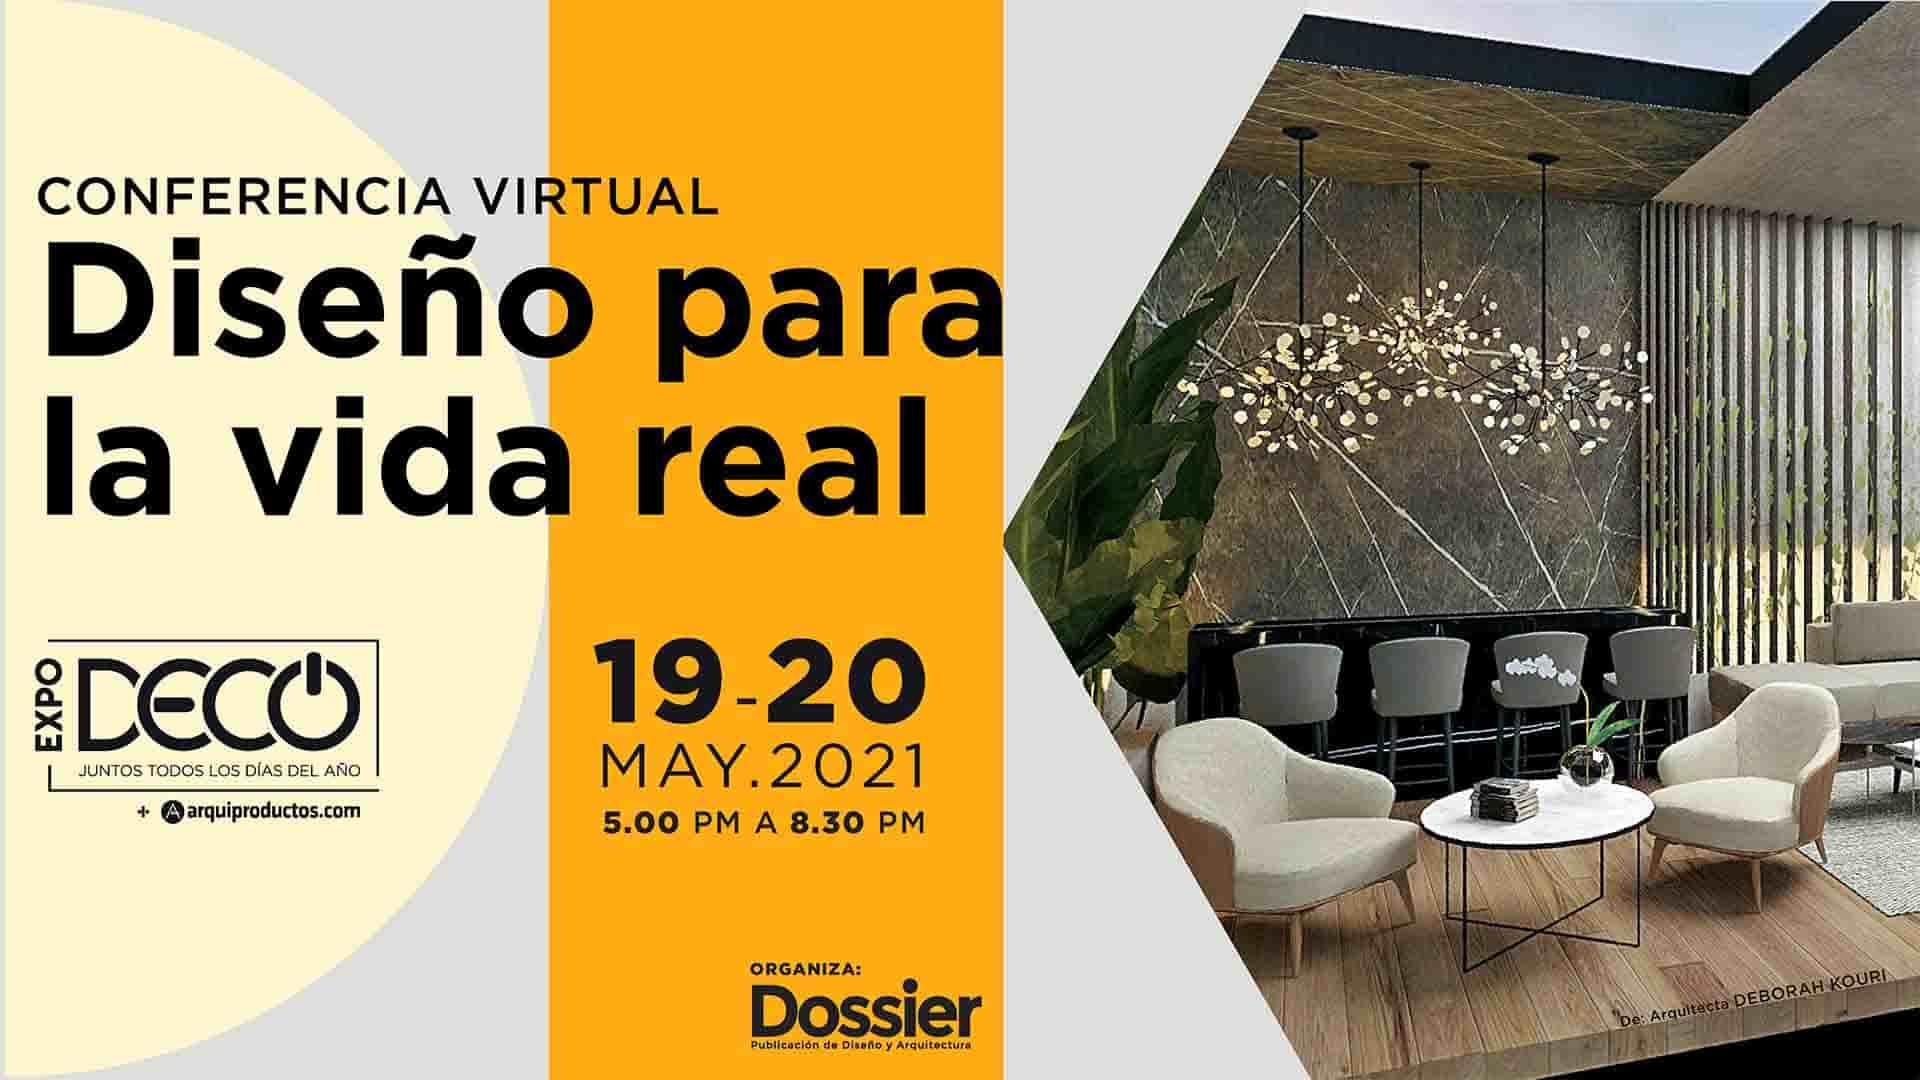 Conferencia Virtual - Diseño para la vida real